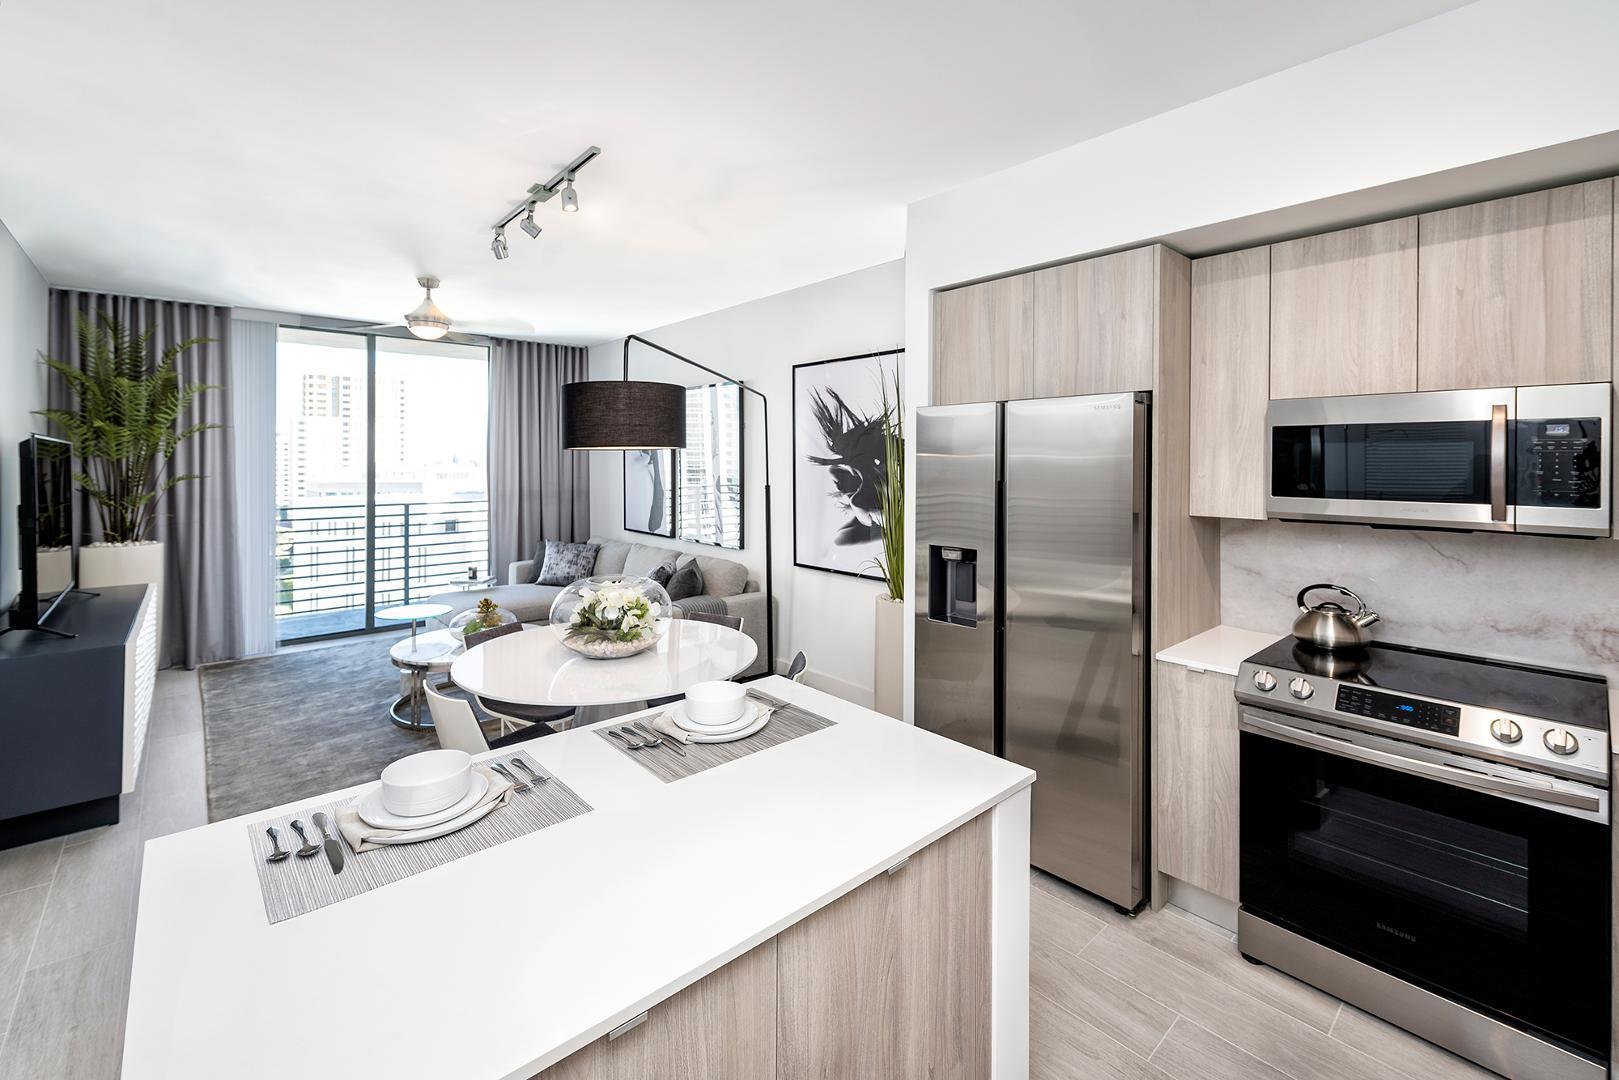 416 SW 1st Avenue #1110, Fort Lauderdale, FL - $2,774 USD/ month